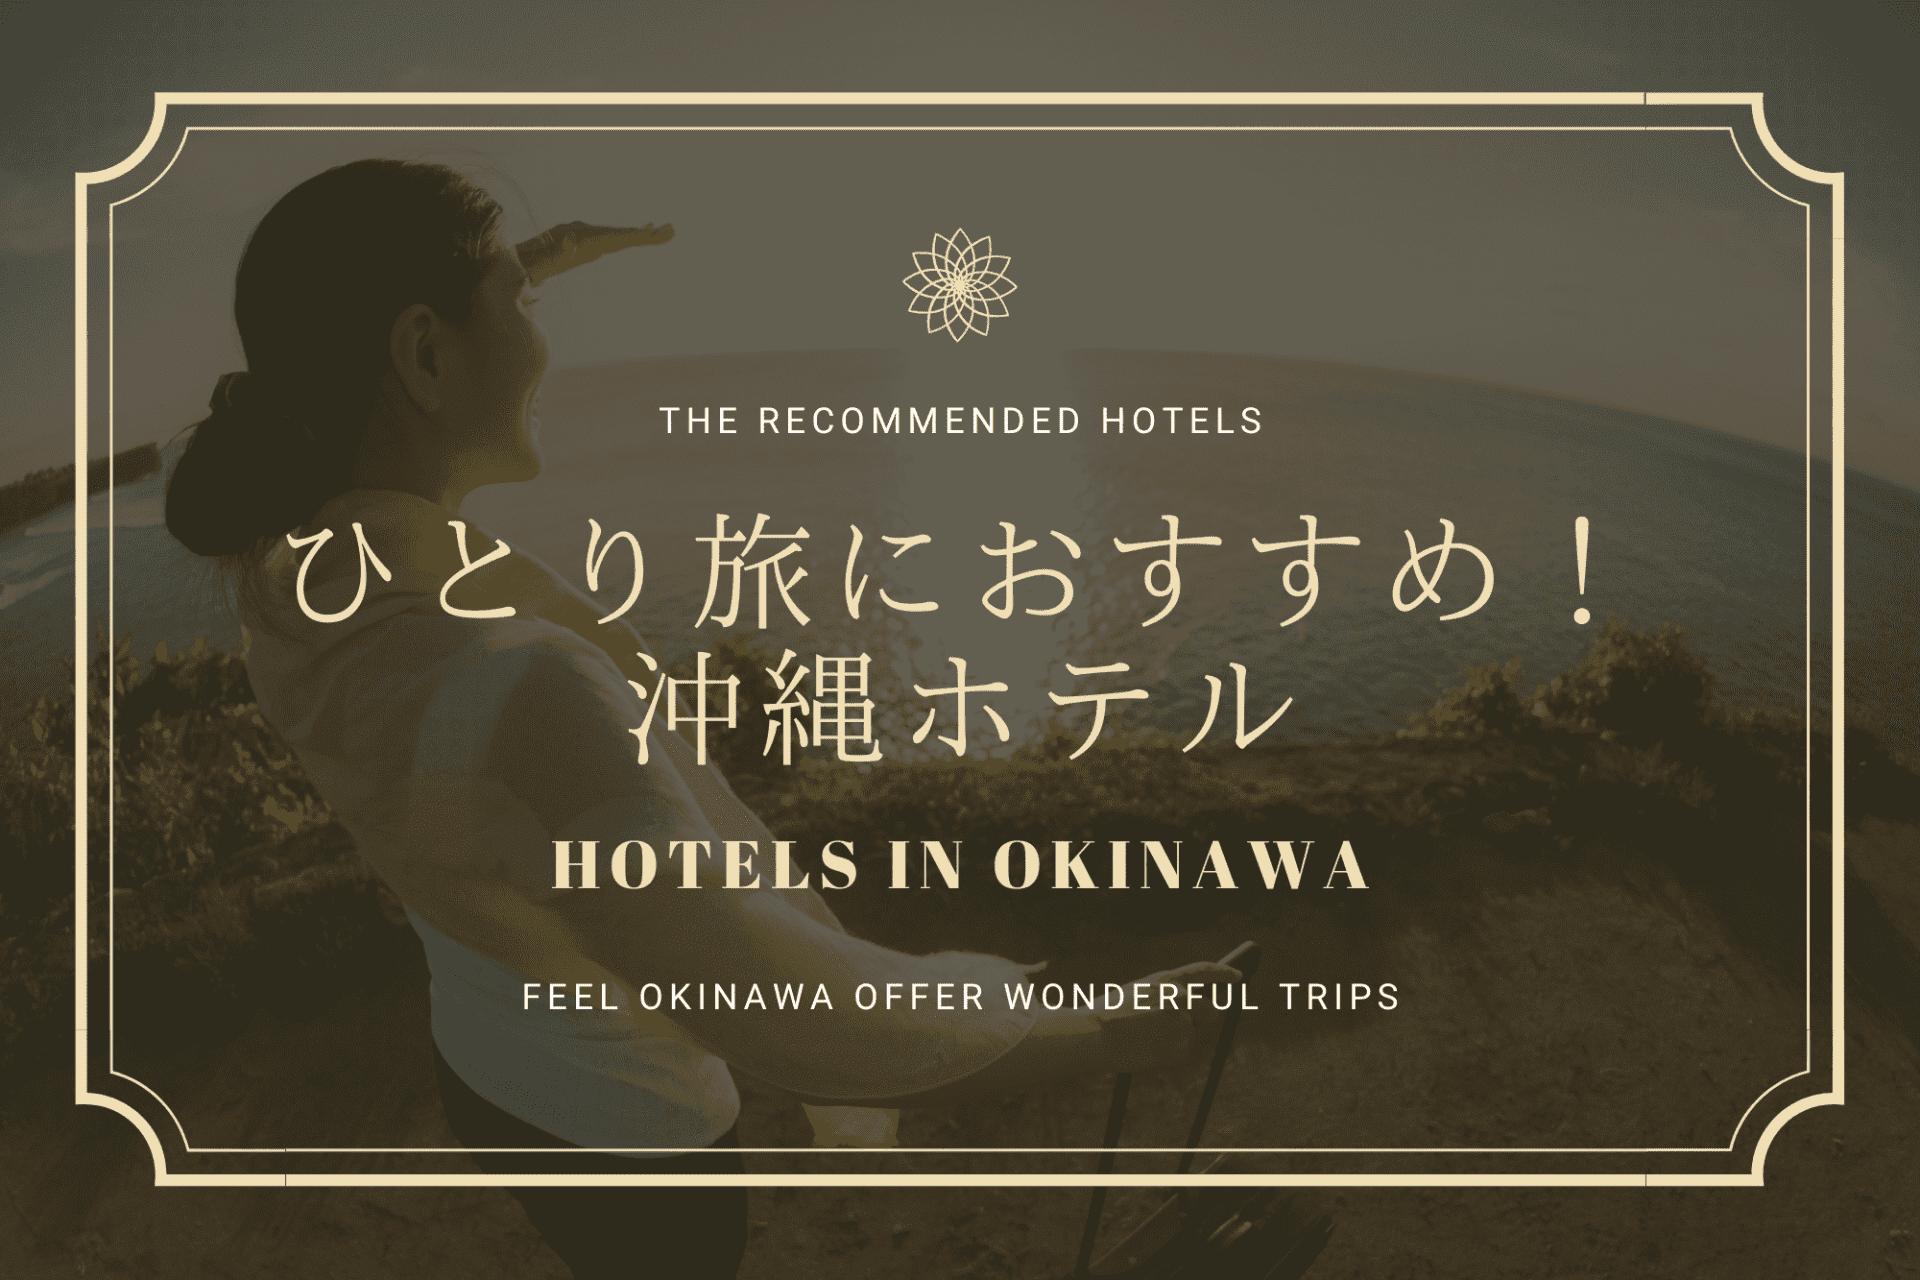 沖縄 一人 ひとり 旅  観光 旅行 ホテル